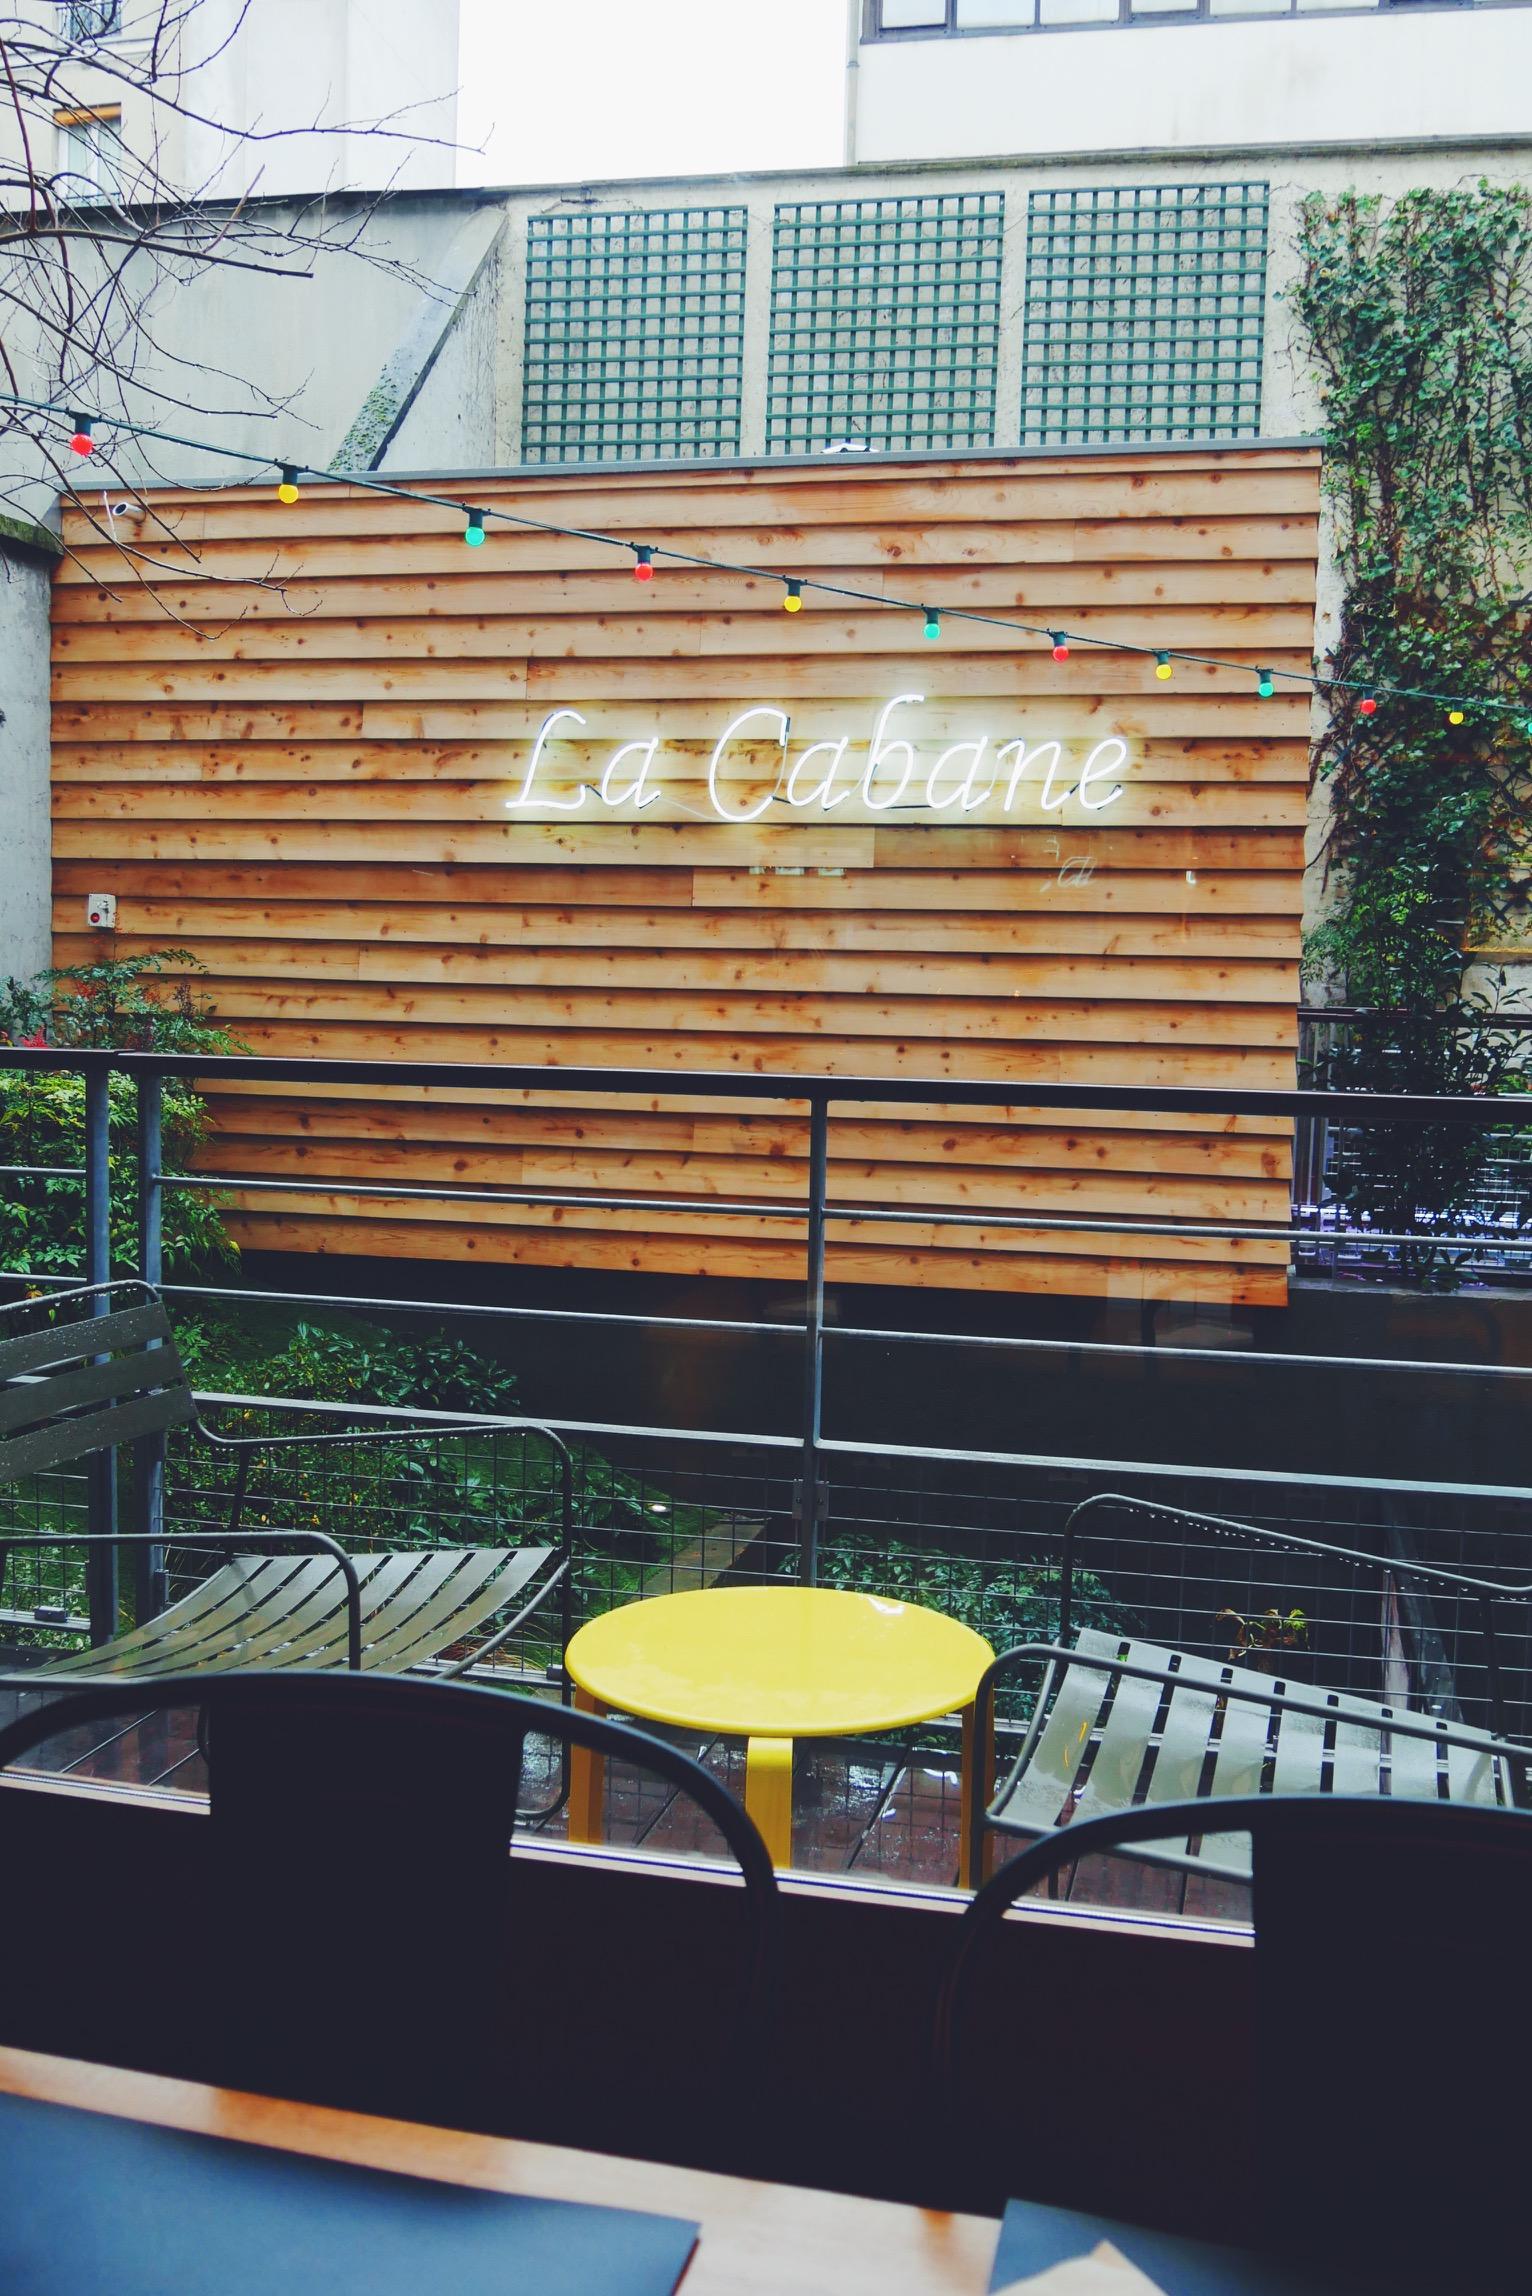 9-Hotel-Montparnasse-Paris-14e-La-Cabane-chambre-en-bois-originale-pour-amoureux-saint-valentin-myroomin-photo-usofparis-blog